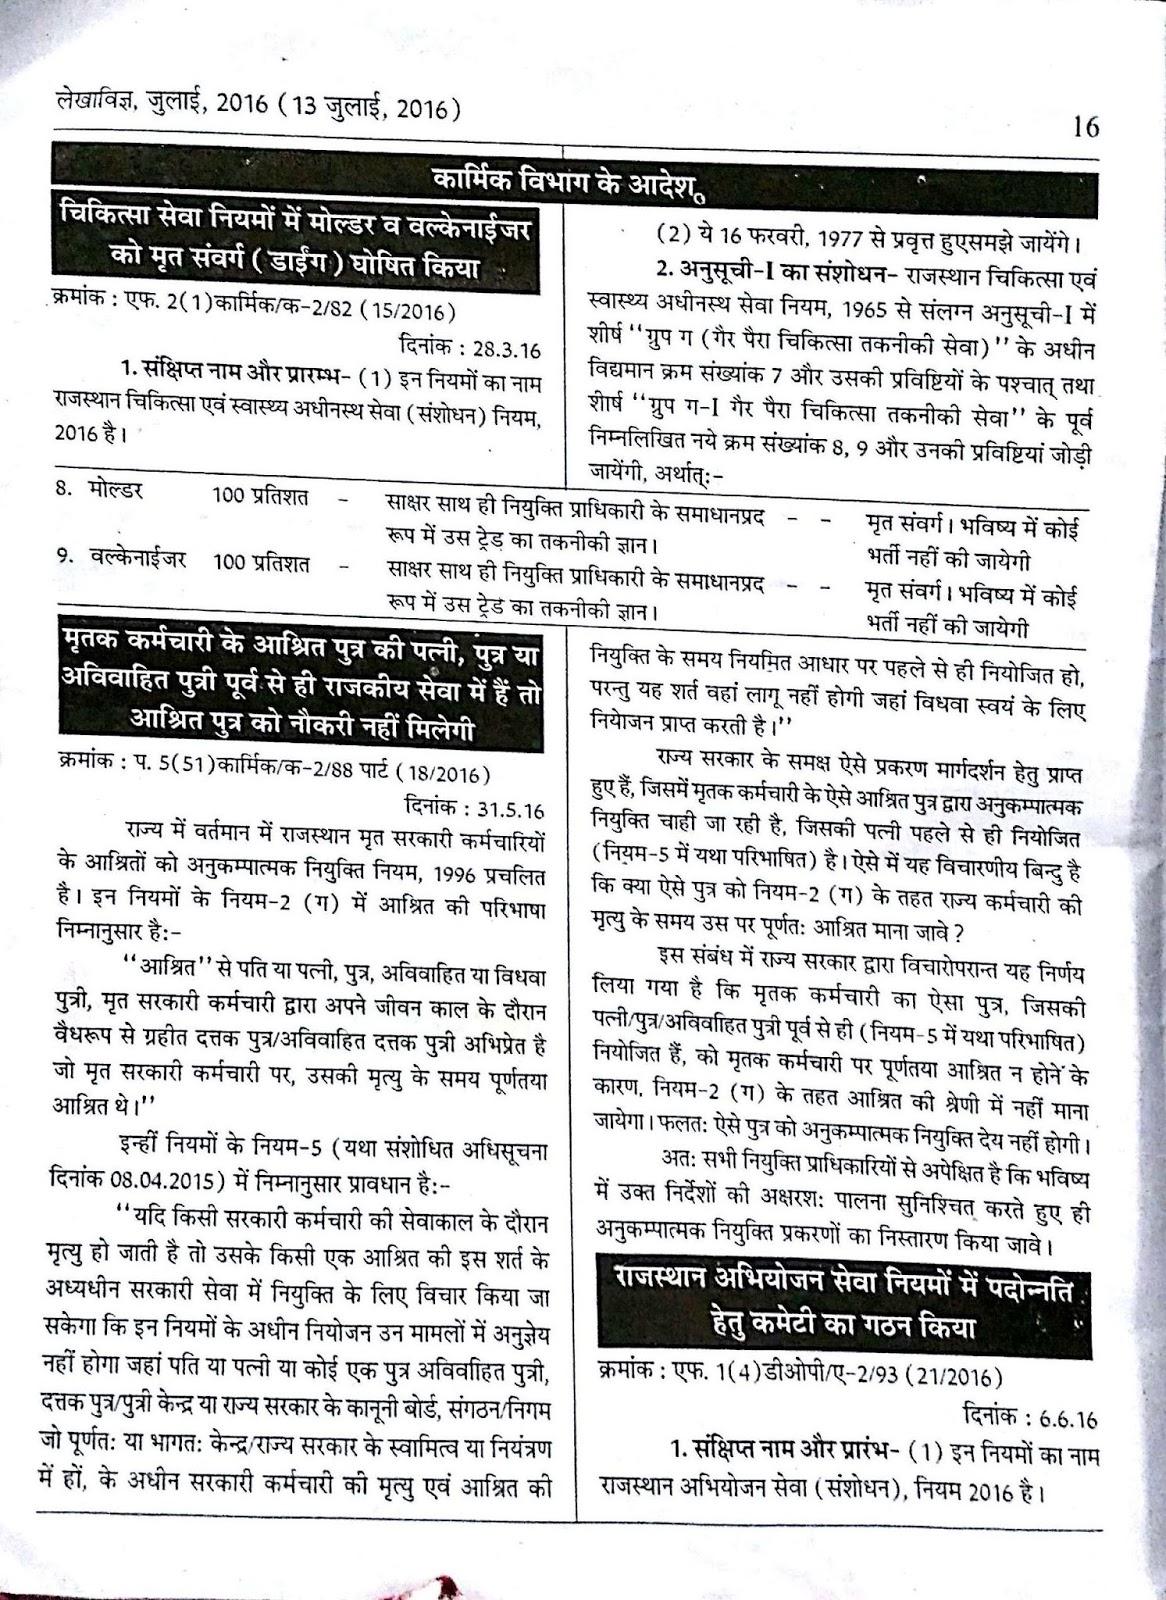 lekhavigya and rajasthan niyam rules : Lekha Vigya July 2016